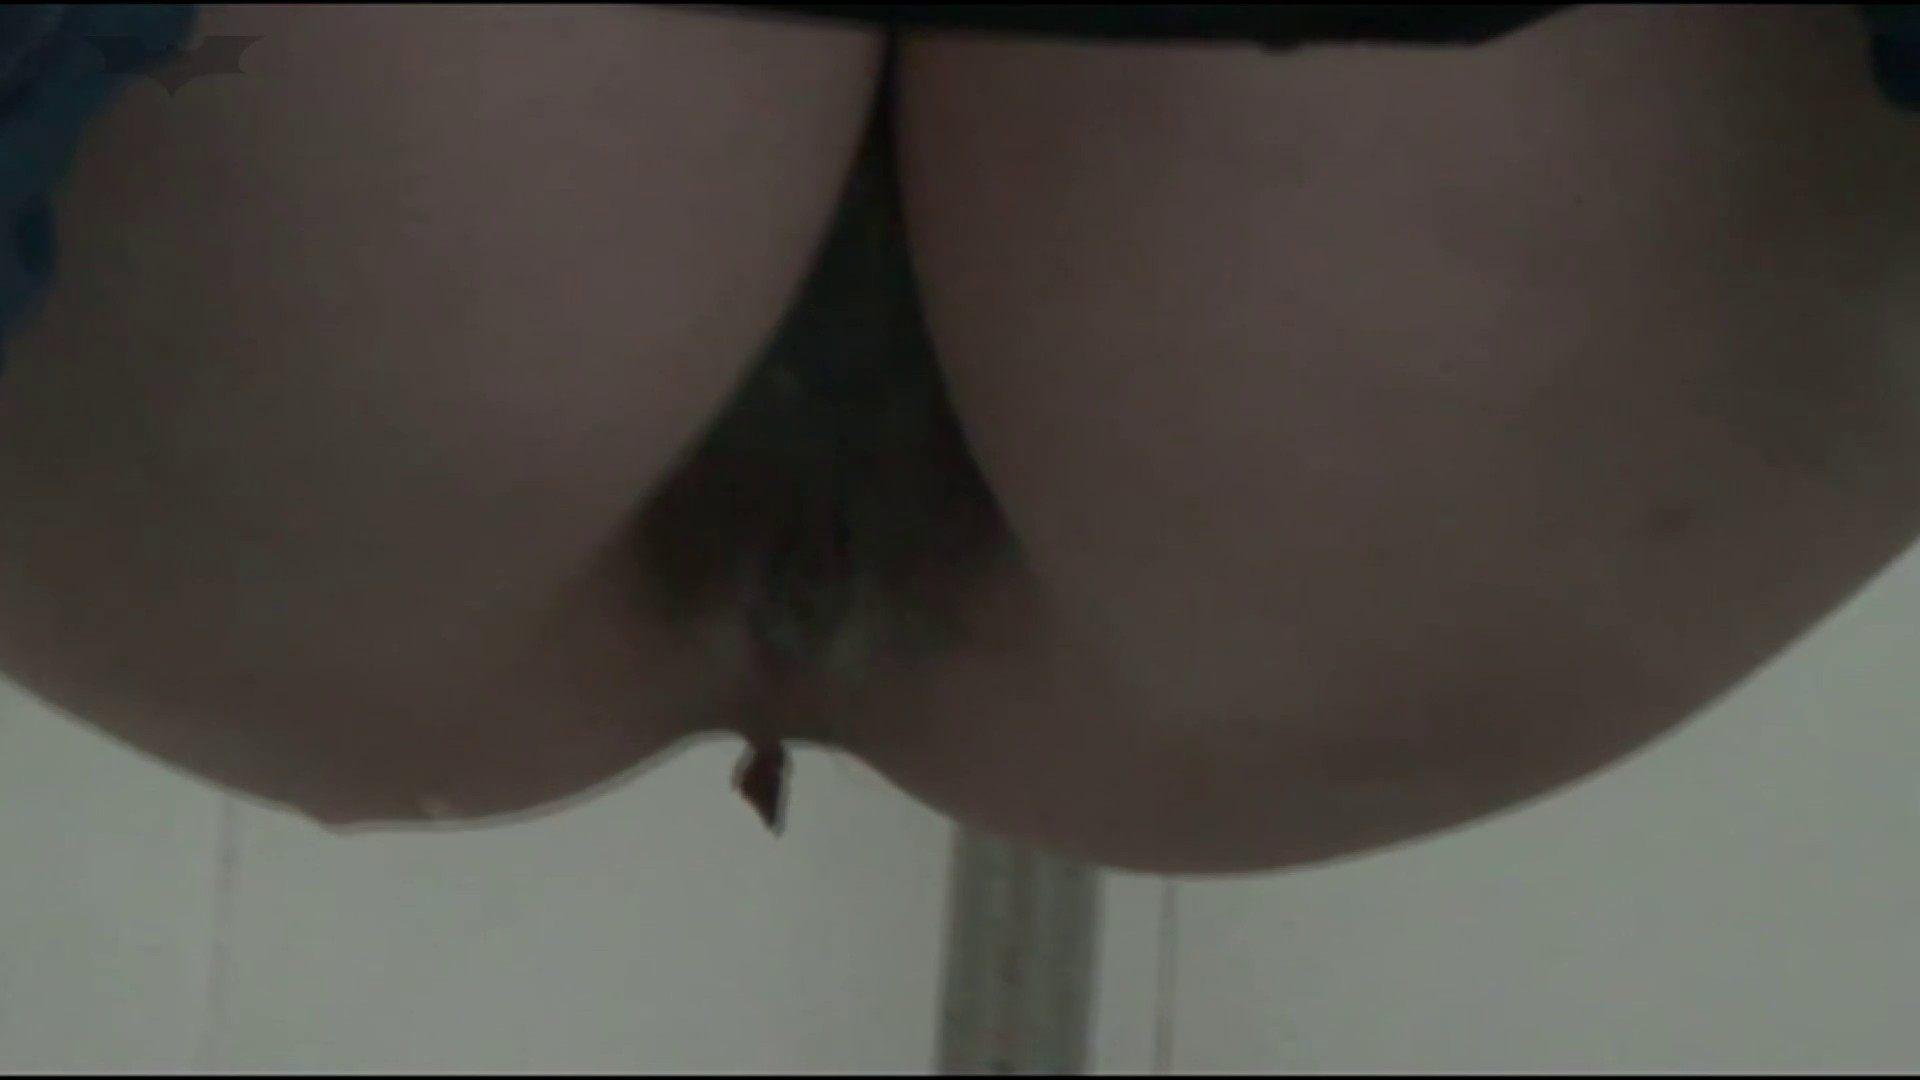 JD盗撮 美女の洗面所の秘密 Vol.16 トイレのぞき ヌード画像 96画像 59